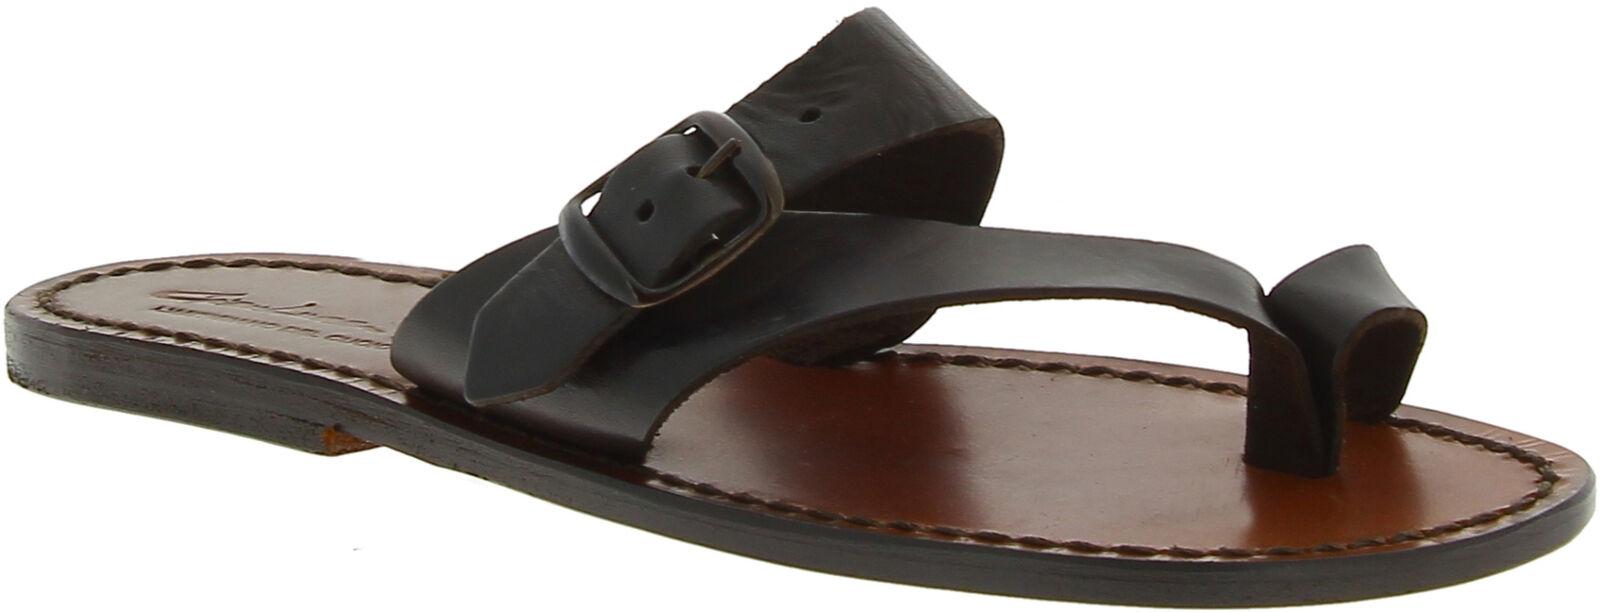 Hecho Cuero De A Oscuro Zapatillas Para Marrón Sandalias Mujer Mano TXPOikZu